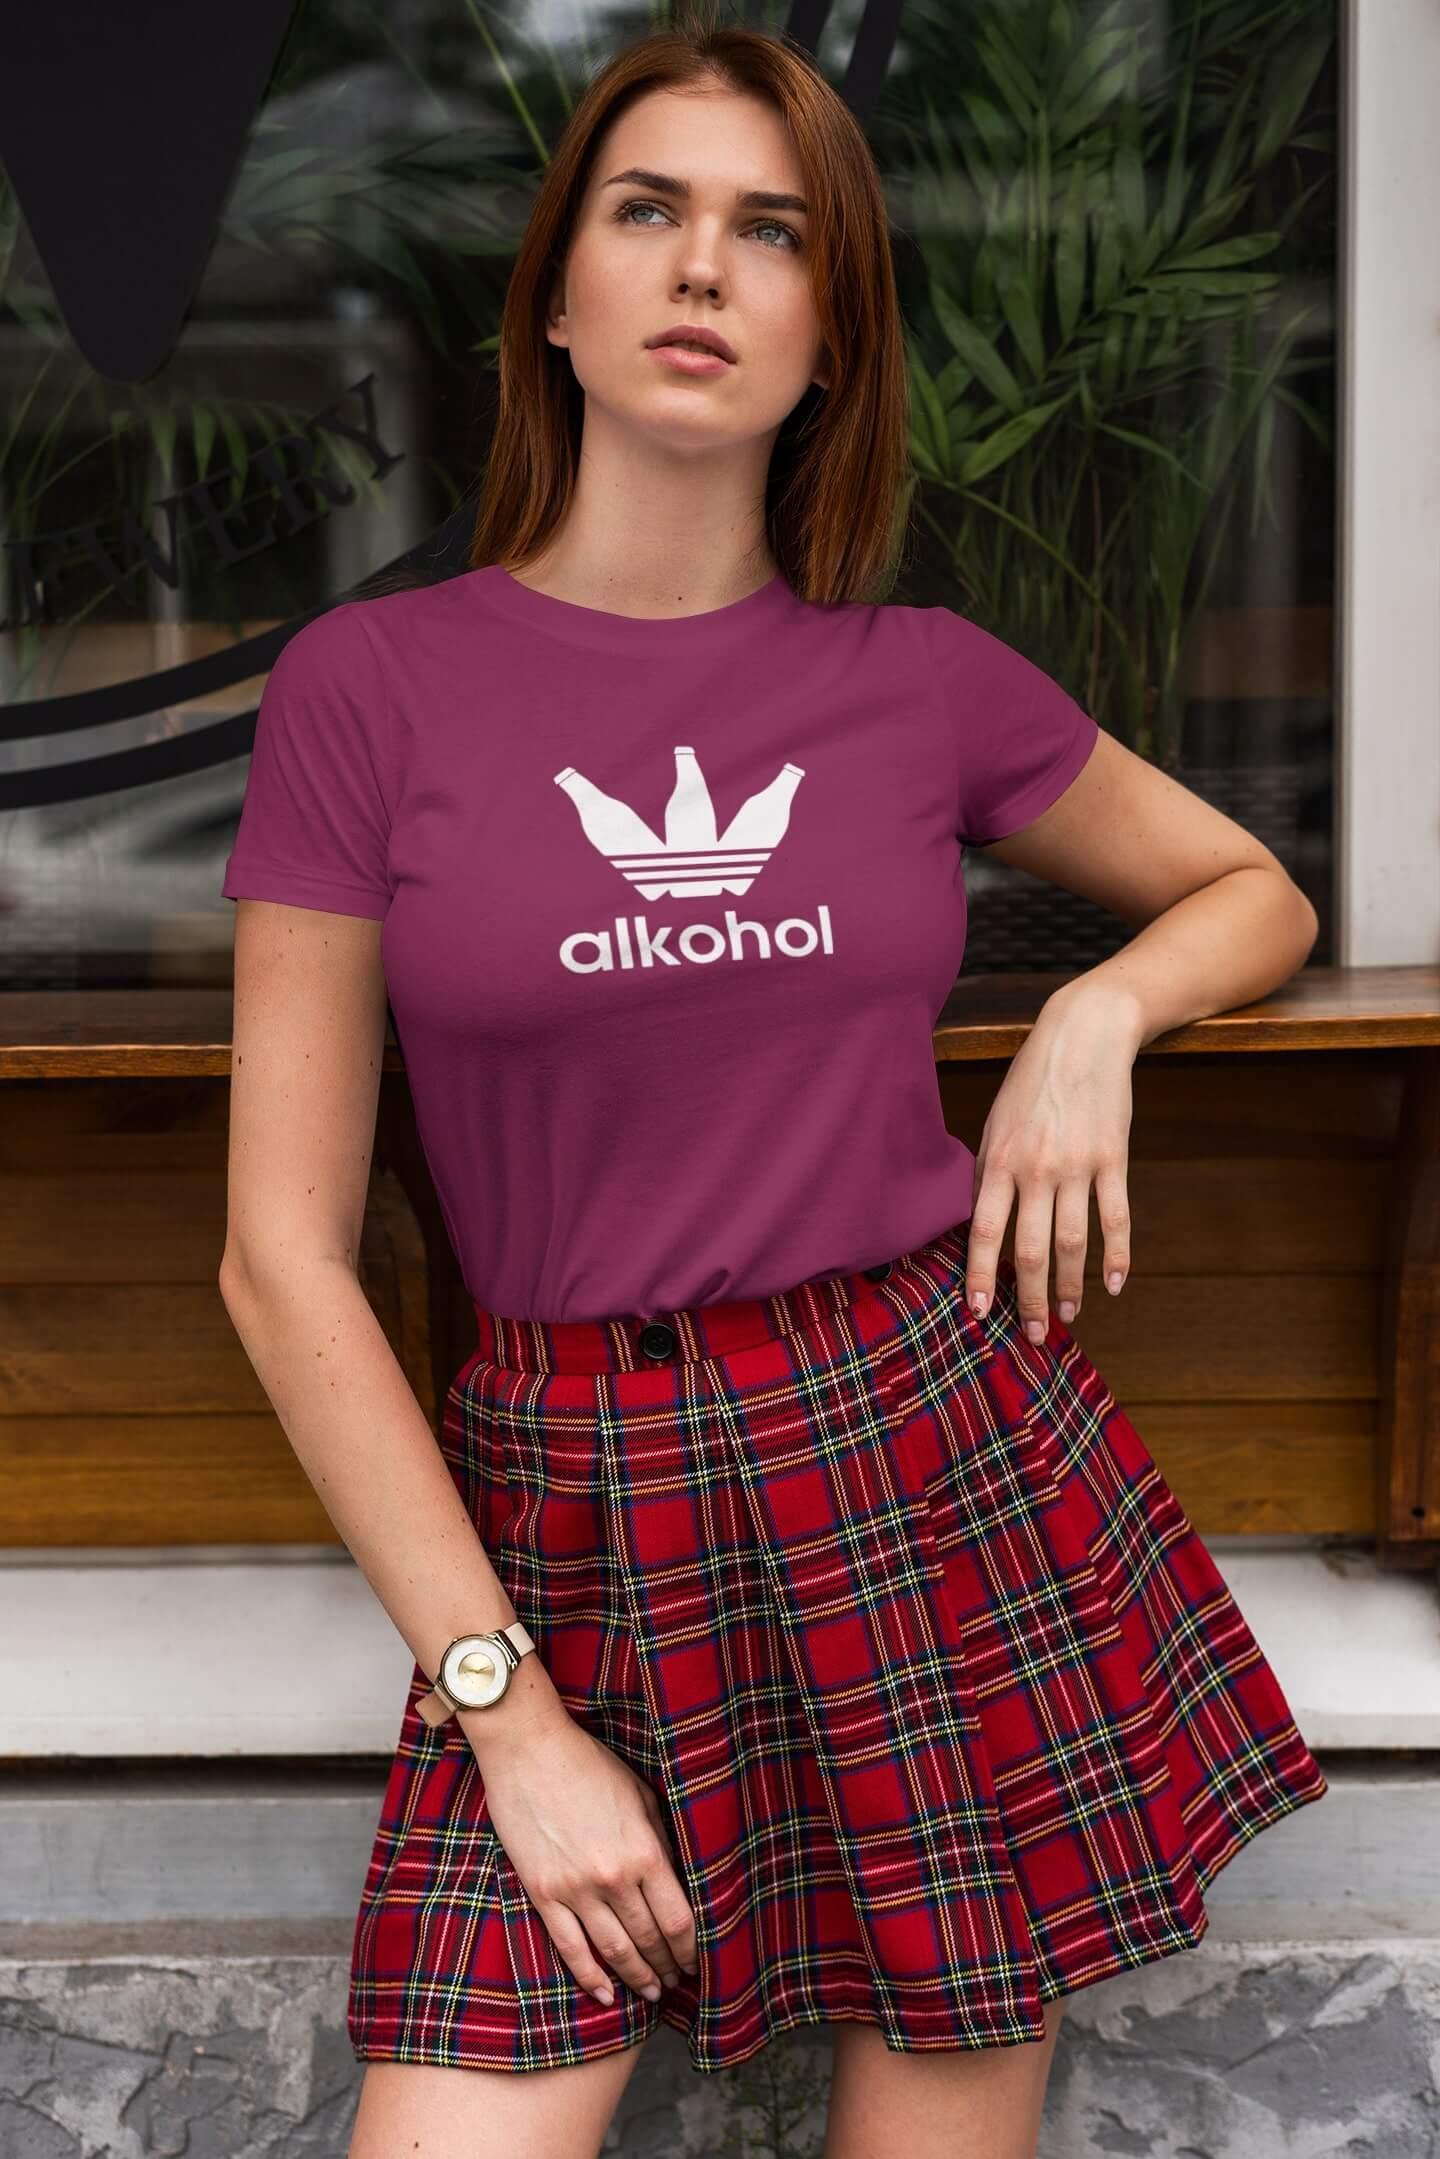 MMO Dámske tričko s Flaškami Vyberte farbu: Fuchsiovo červená, Vyberte veľkosť: XL